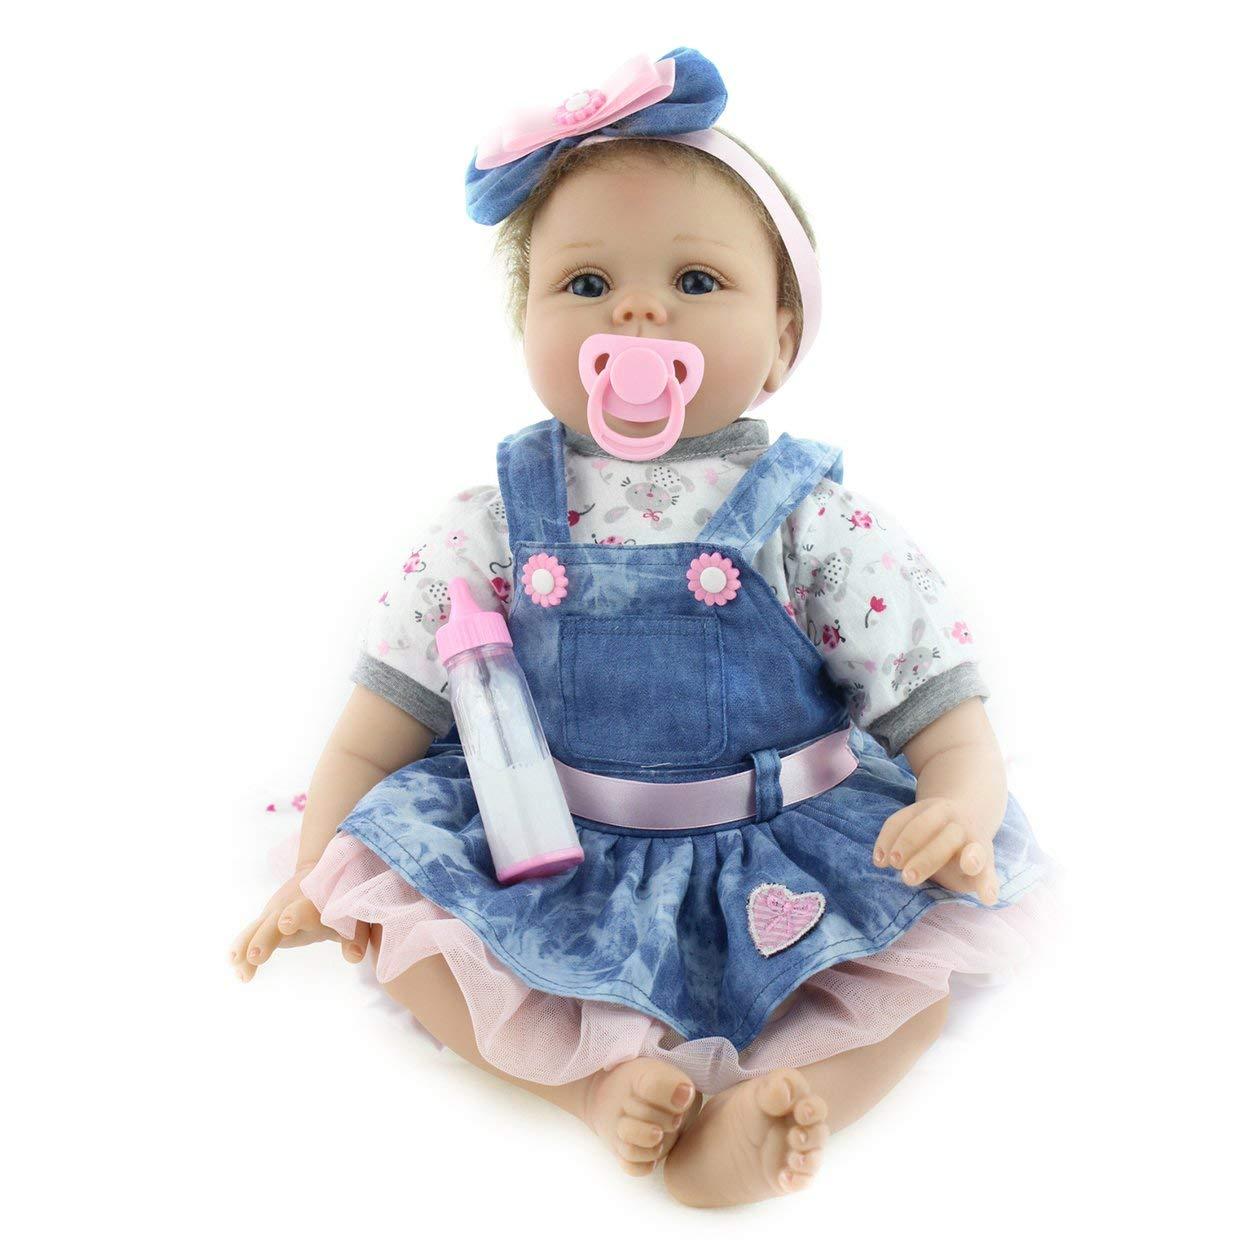 ClookYiit 55CM Cute Reborn Baby Denim Dress Doll Silicone Lifelike Newborn Doll Girl Miglior Regalo di Compleanno di Natale per Le Ragazze dei Bambini